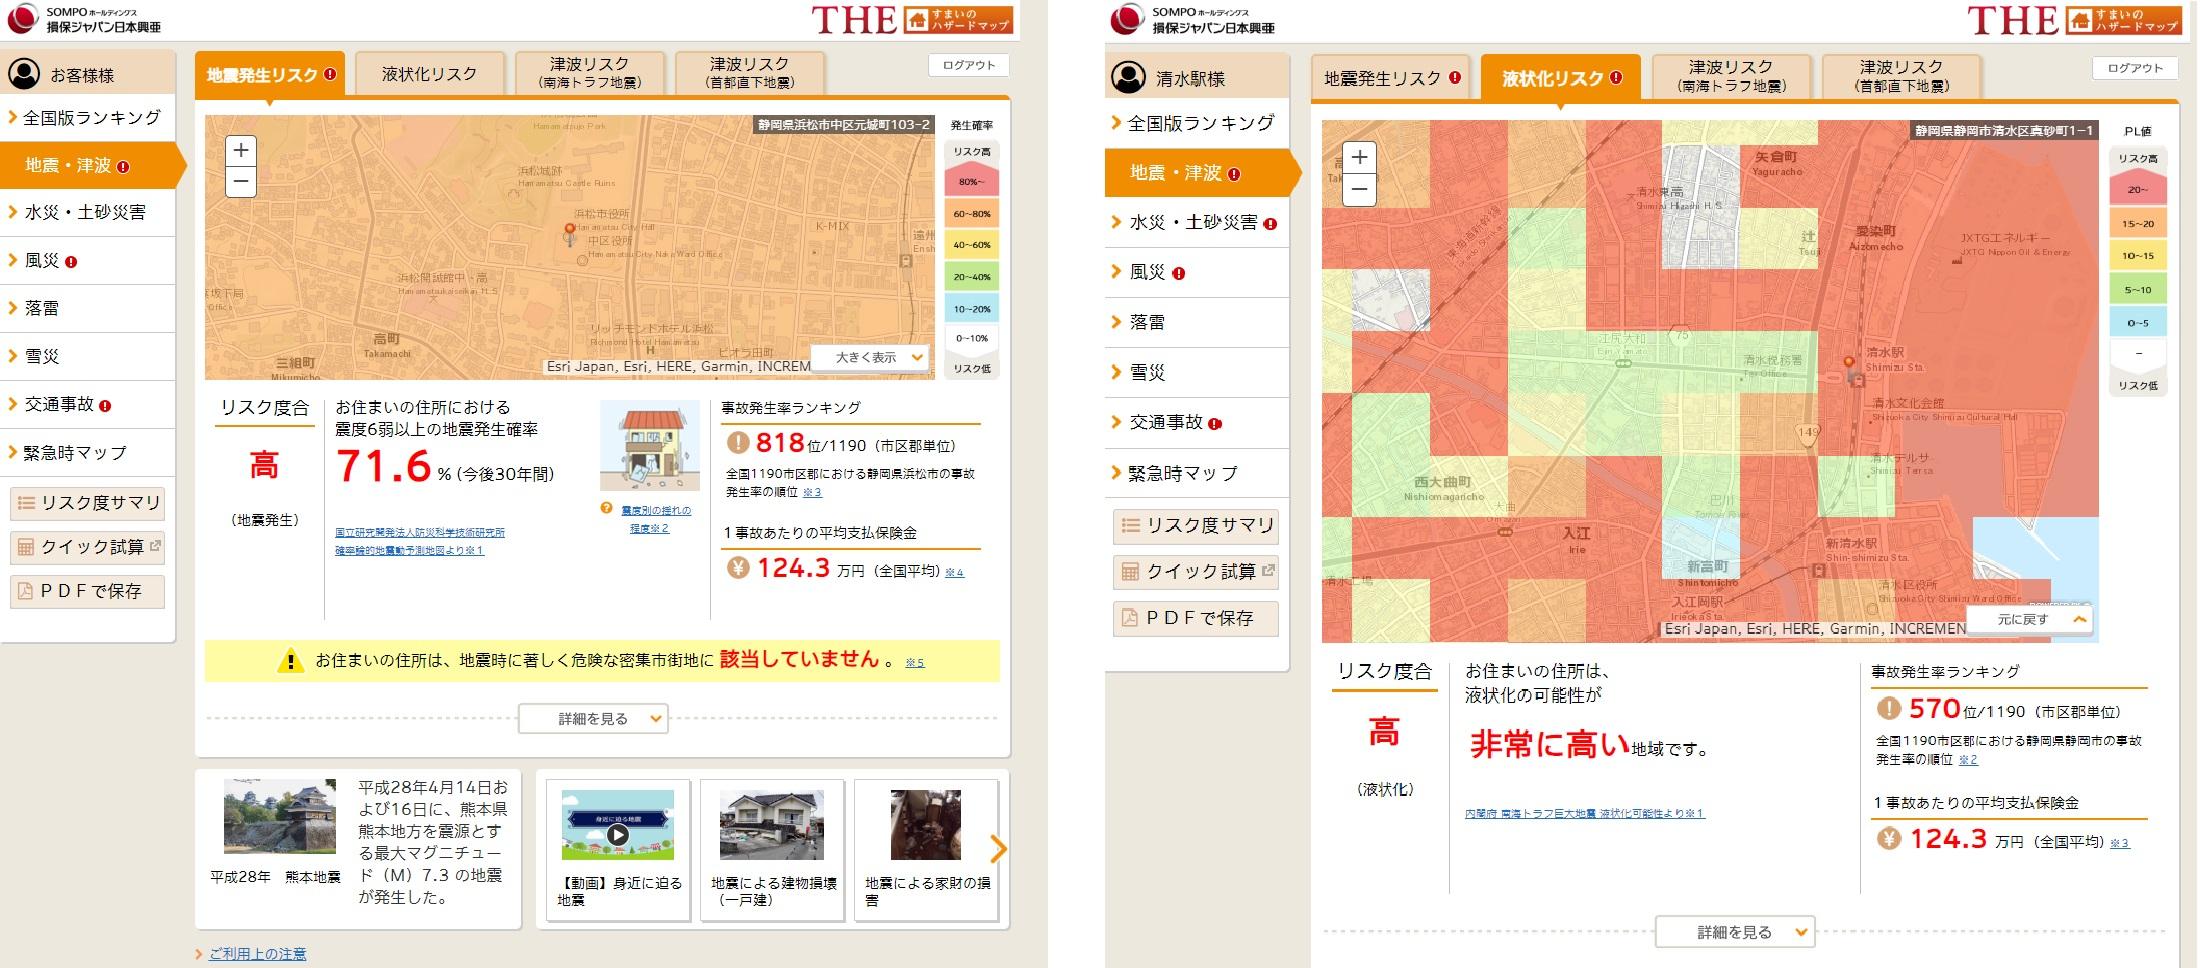 地震発生リスクのマップ(左)と液状化リスクのマップ(右)